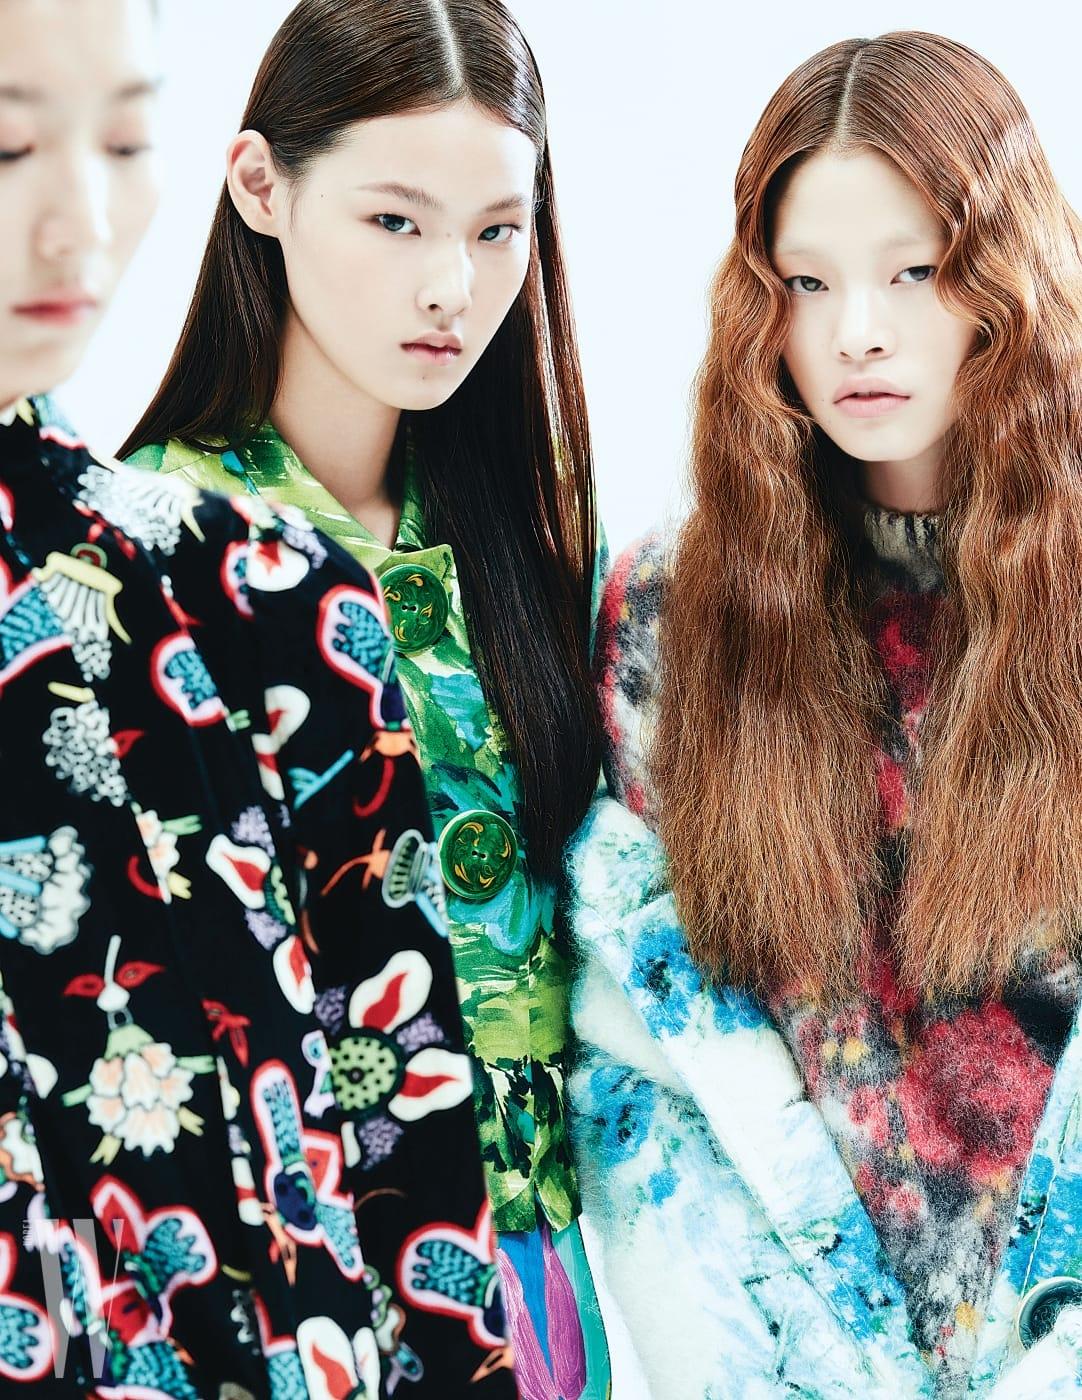 수민이 입은 다양한 패턴이 어우러진 오버사이즈 무톤 재킷과 미니드레스는 에트로 제품. 8백70만원, 2백28만원. 사이하이 부츠는 펜디 제품. 1백81만원. 아현이 입은 동양적인 패턴의 톱과 팬츠, 실크 벨트, 퍼 장식 블로퍼는 모두 구찌 제품. 모두 가격 미정. 앨리스가 입은 대자연이 연상되는 독특한 패턴의 롱 코트와 벨벳 팬츠는 조르지오 아르마니 제품. 모두 가격 미정.